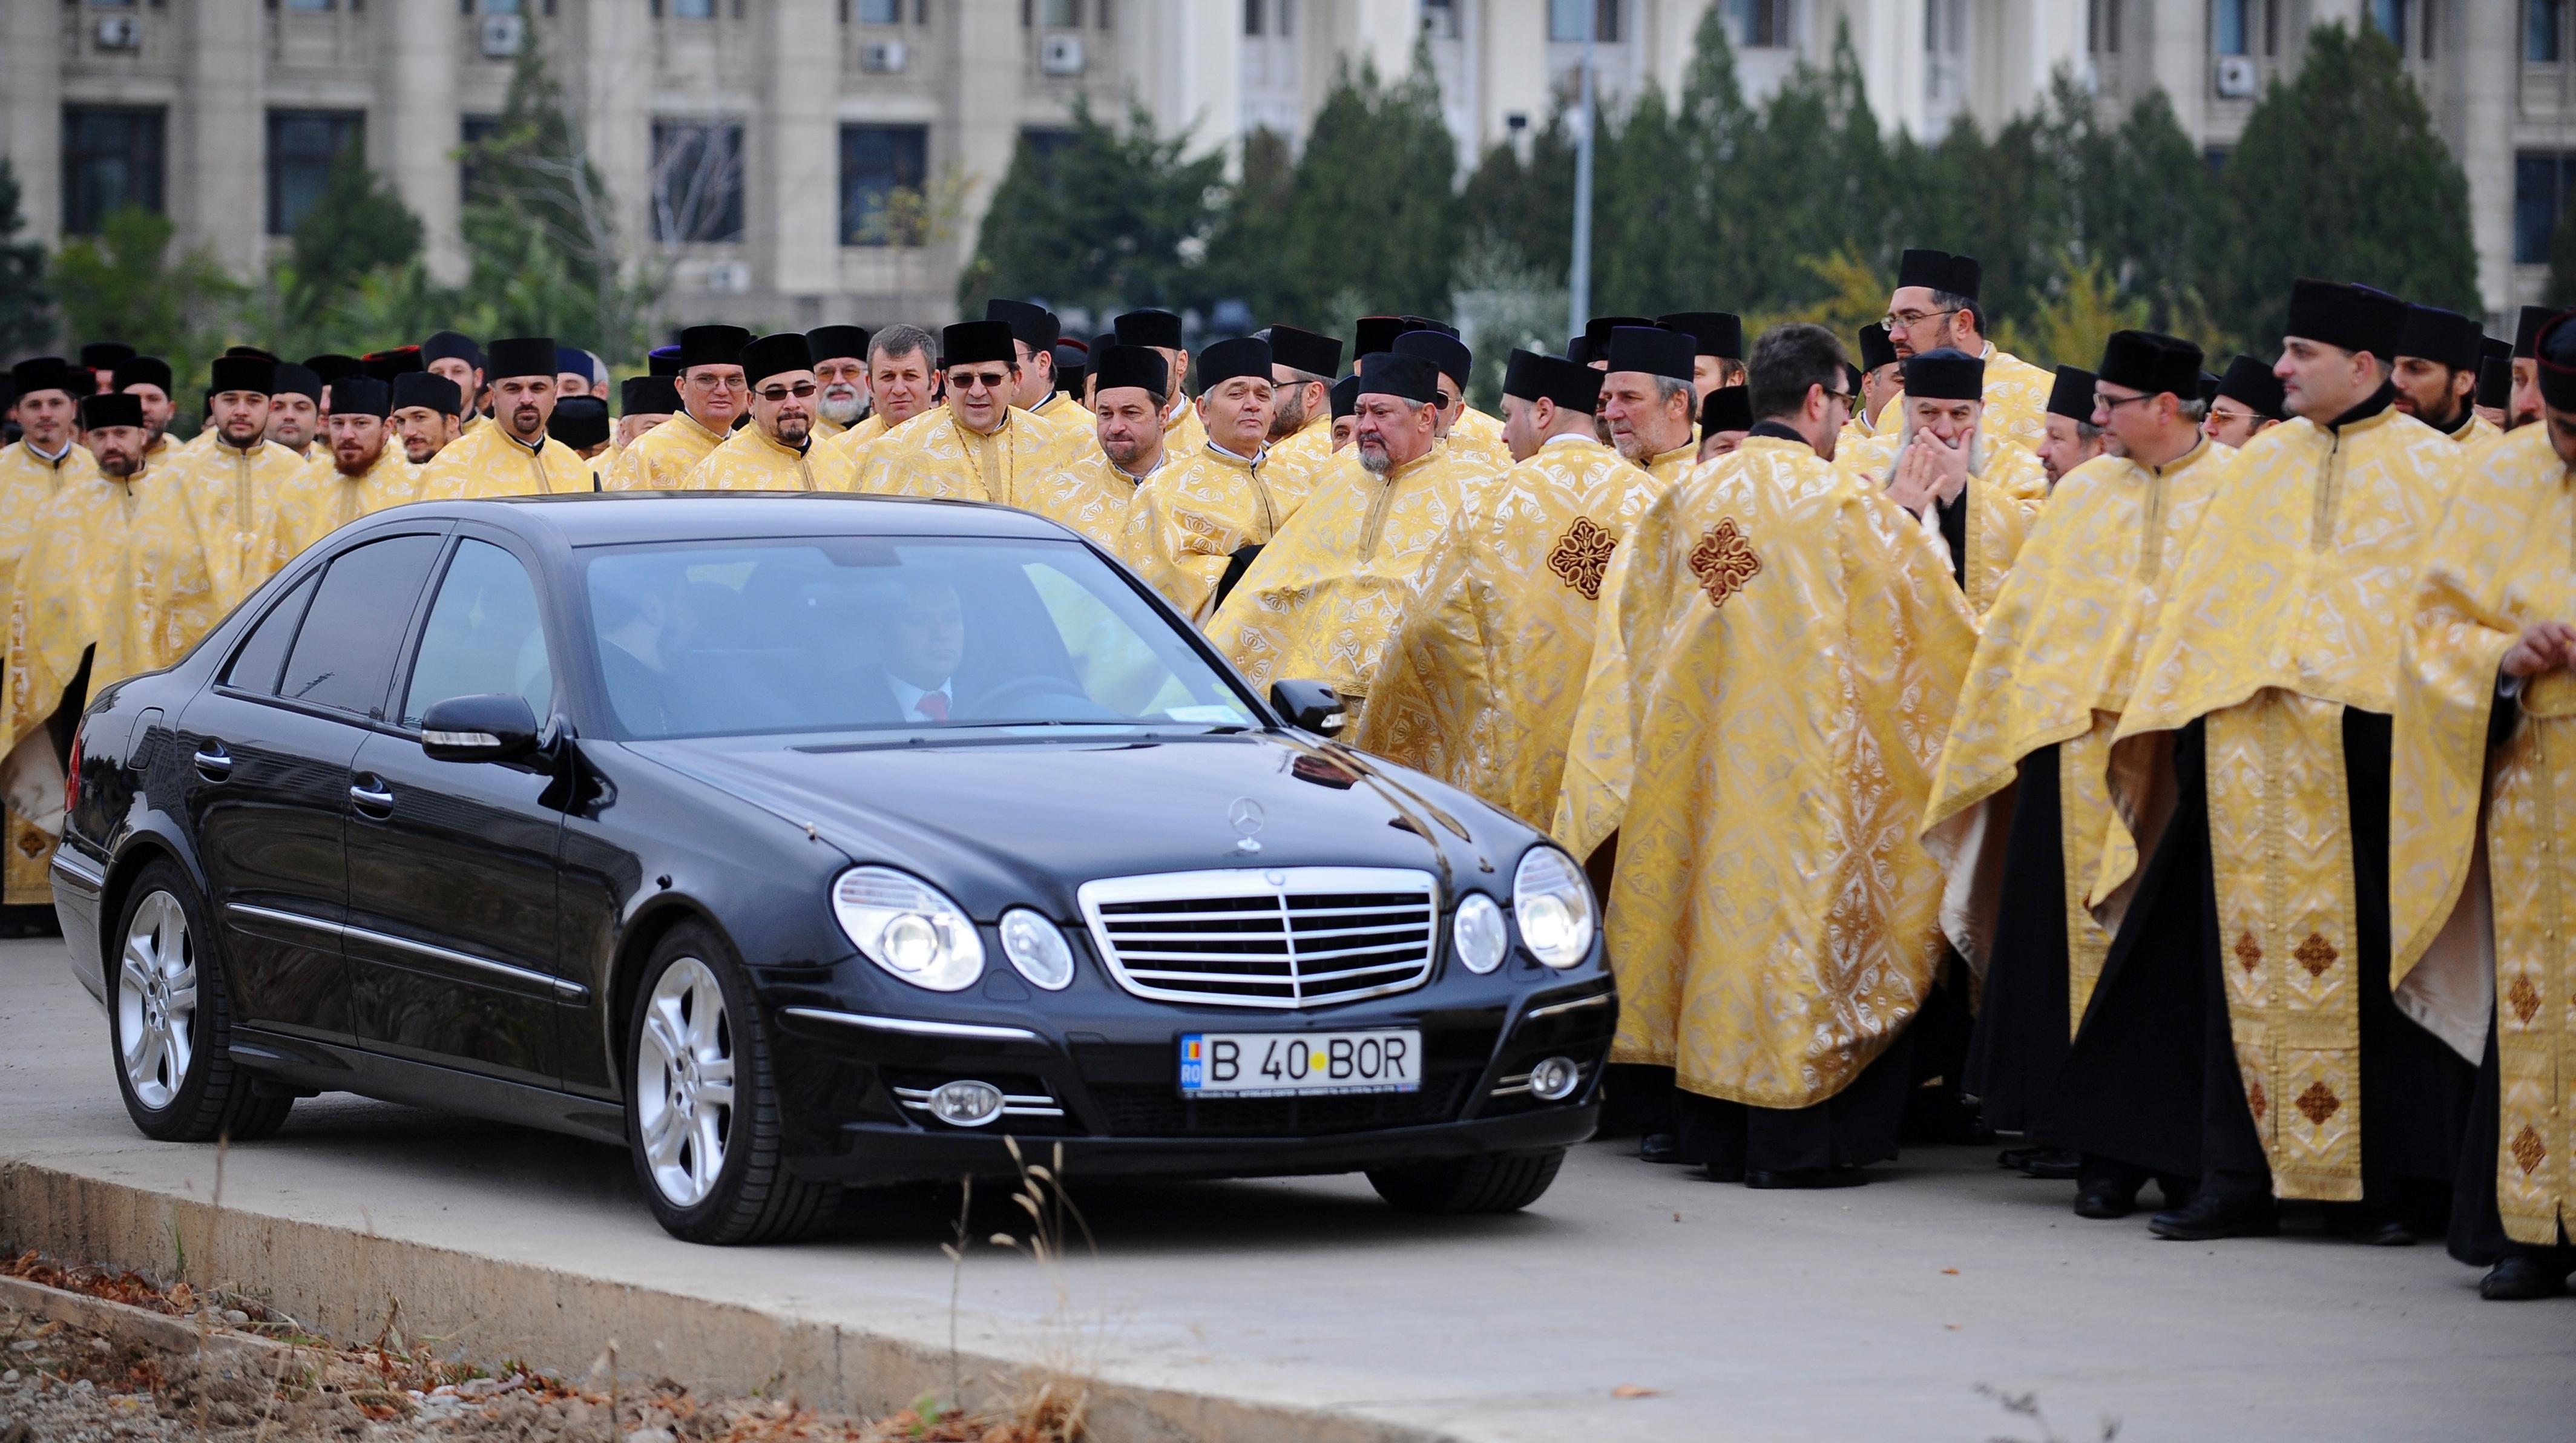 mercedesul-patriarhului